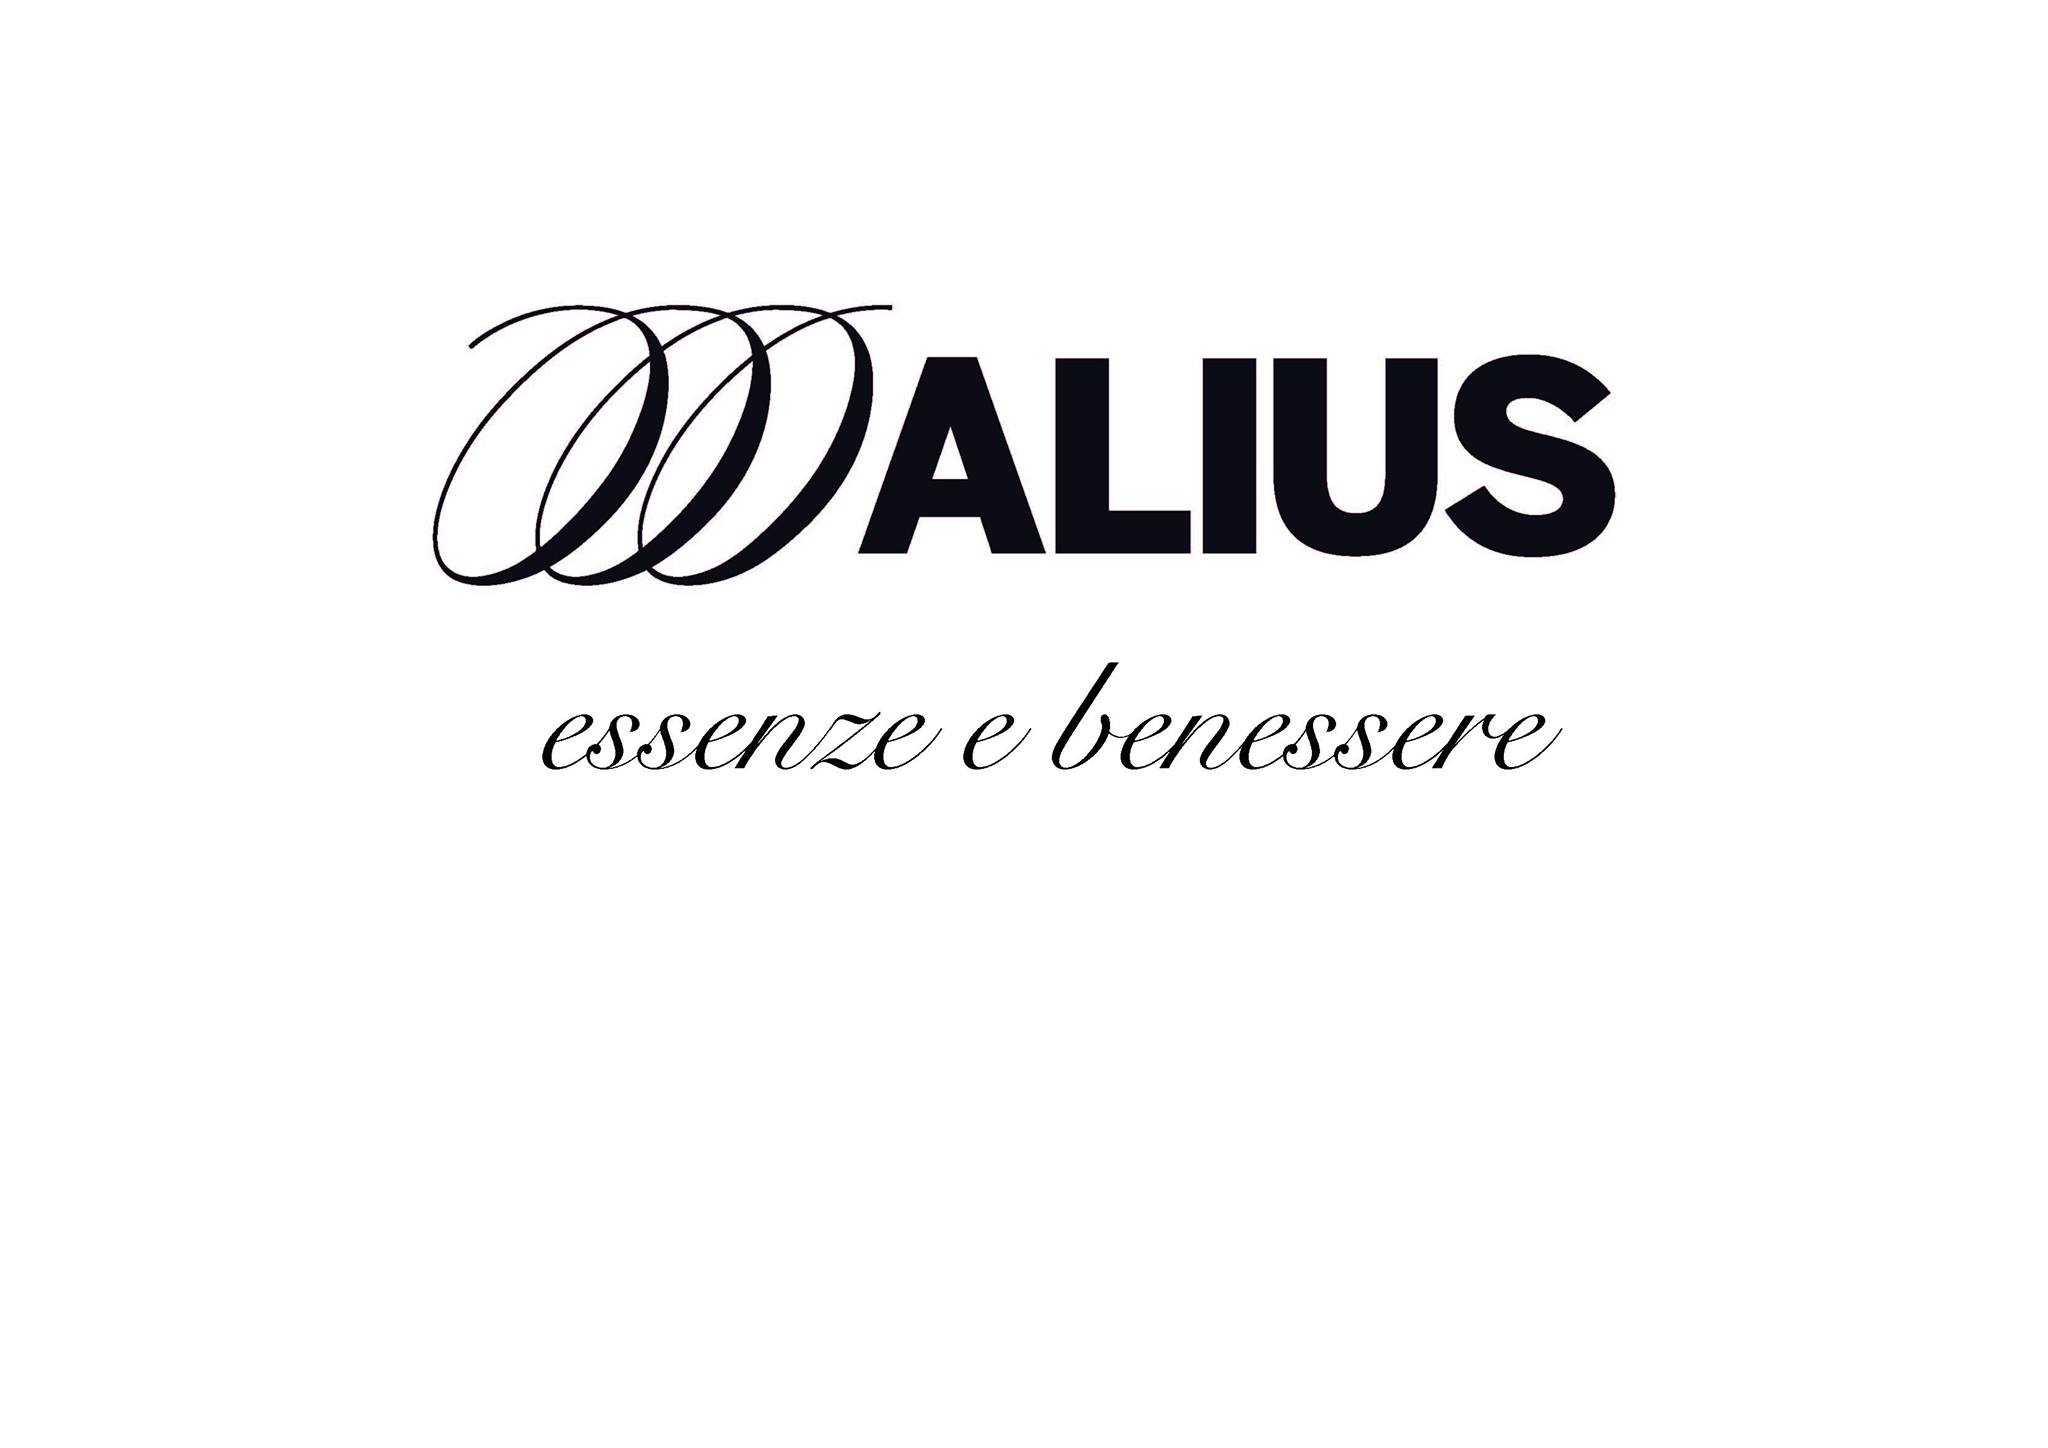 alius